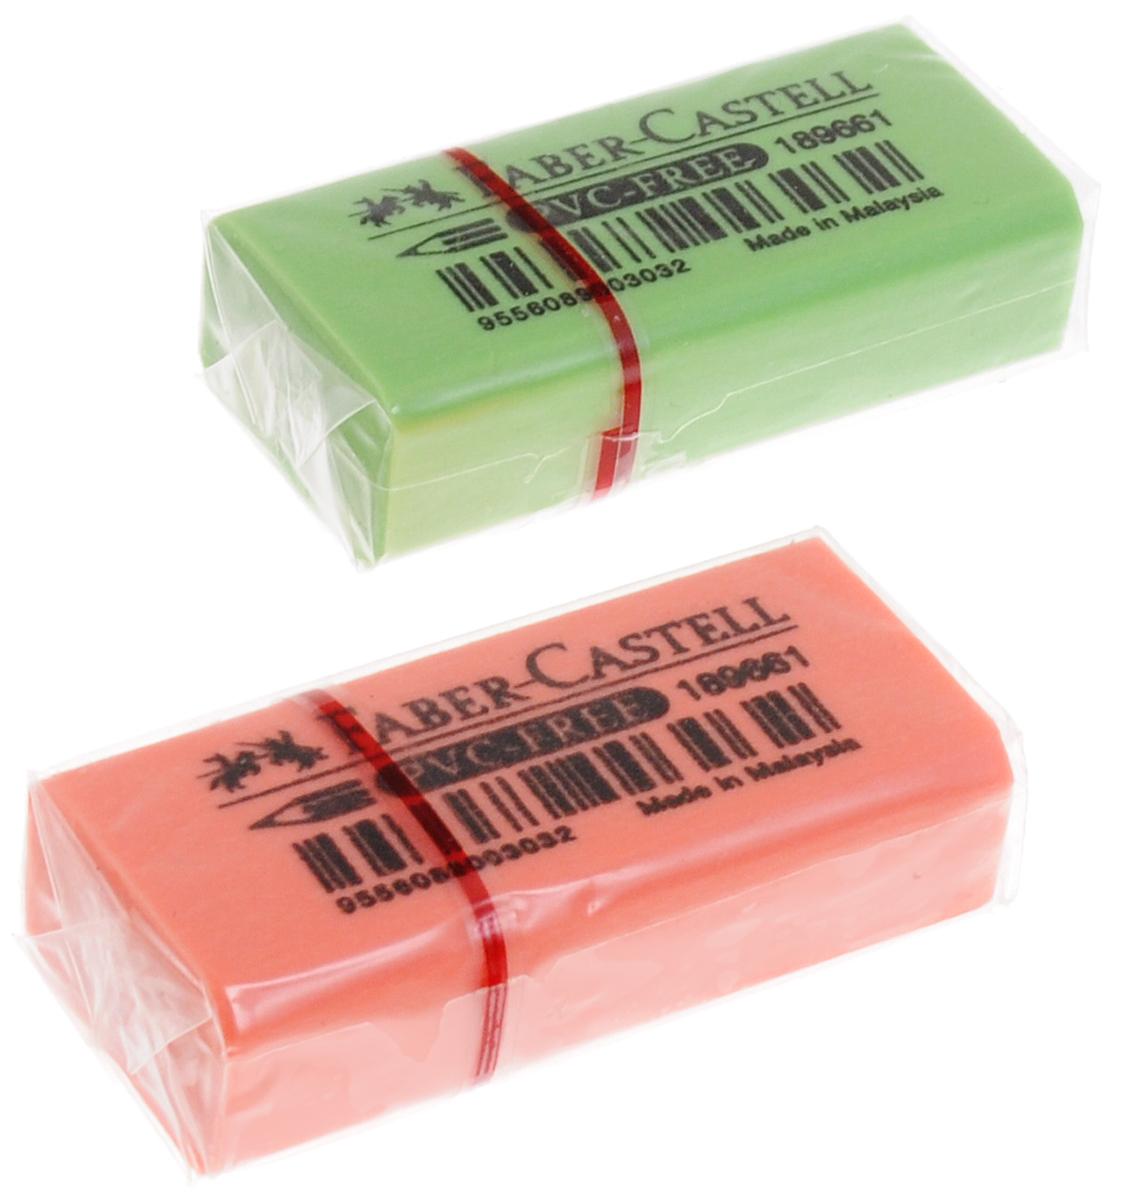 Faber-Castell Ластик флуоресцентный цвет салатовый оранжевый 2 шт263397_салатовый, оранжевыйЛастик флуоресцентный Faber-Castell станет незаменимым аксессуаром на рабочем столе не только школьника или студента, но и офисного работника. Аккуратный и не оставляет грязных разводов. Кроме того высококачественный ластик не содержит ПВХ. Не повреждает бумагу даже при многократном стирании. В наборе 2 ластика.